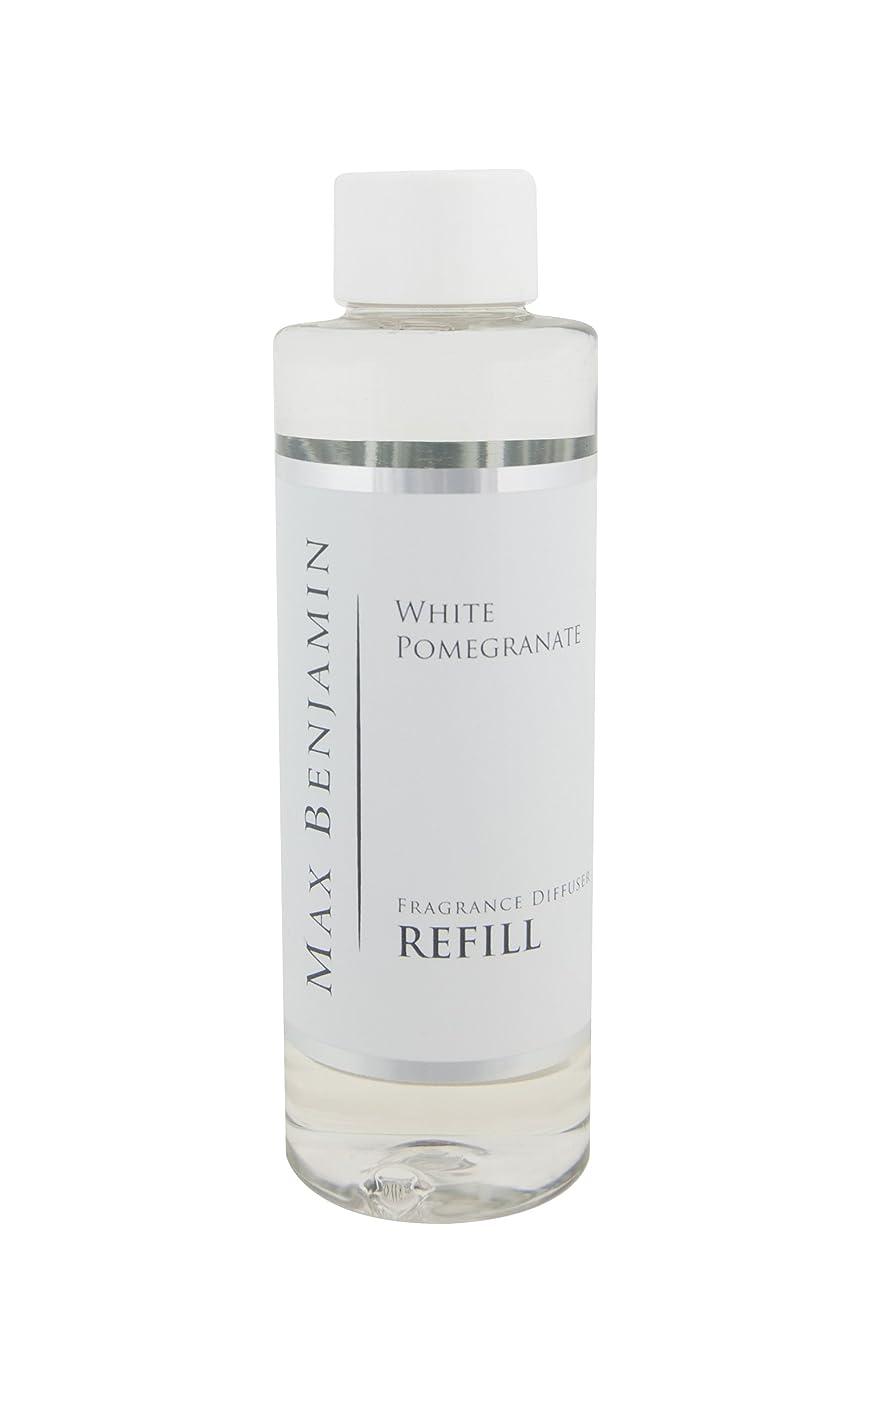 移植鮮やかな廃棄するMax Benjamin リードディフューザー詰め替えオイル - 白 ポメラネート 150ml。 最大16Wの香り。 安全な無炎で一定の香り。